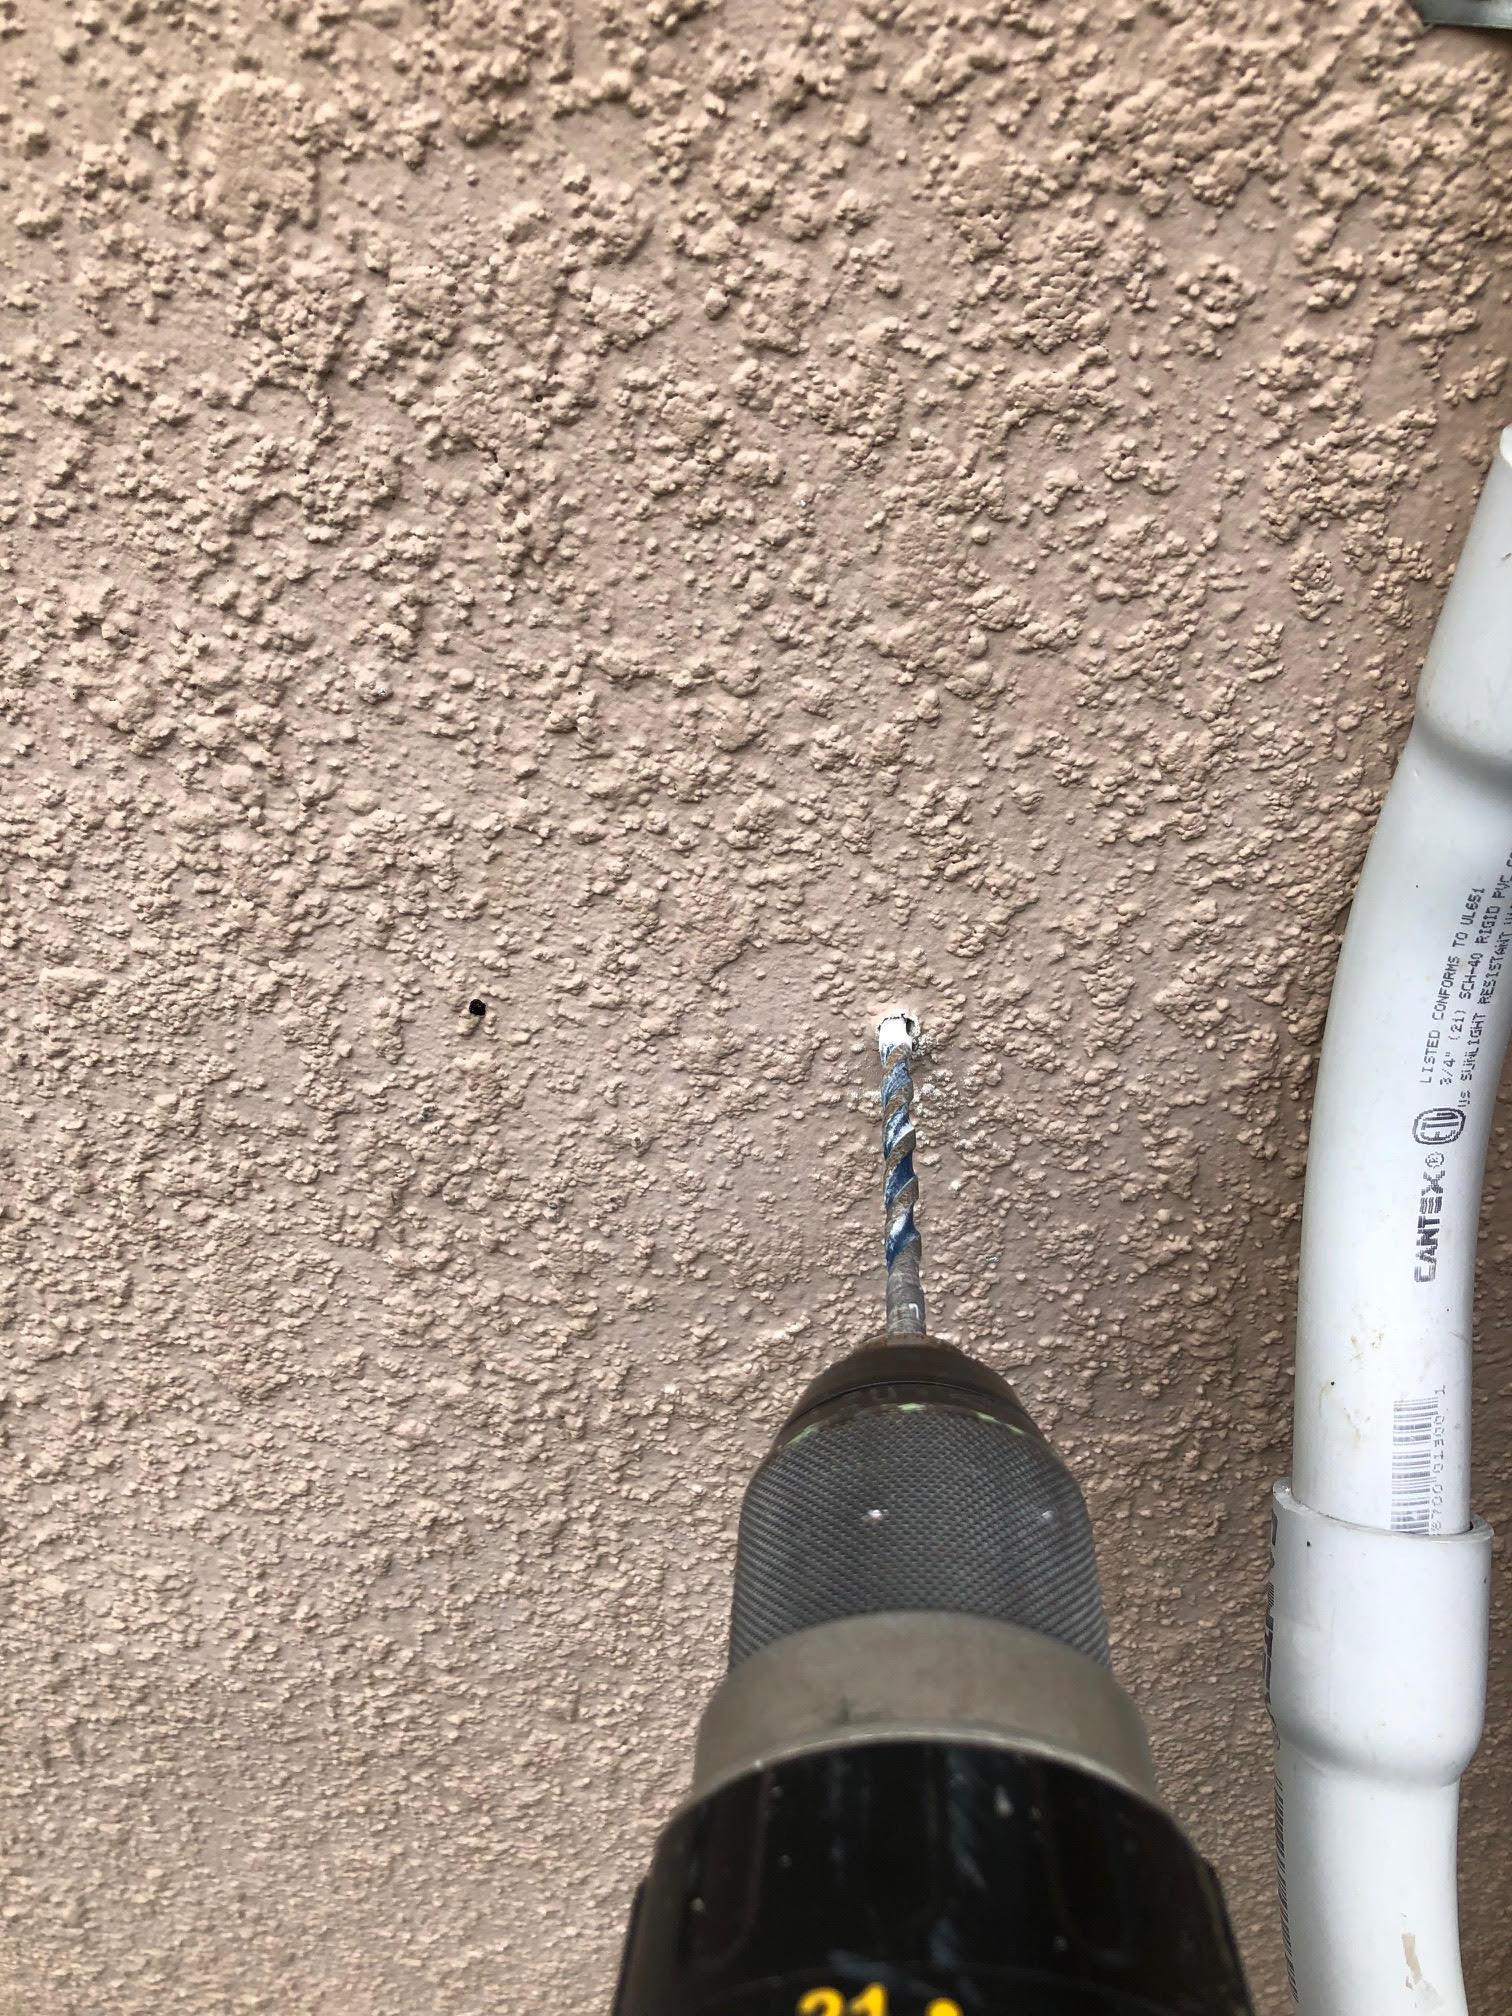 Drilling holes for low voltage landscape lighting transformer